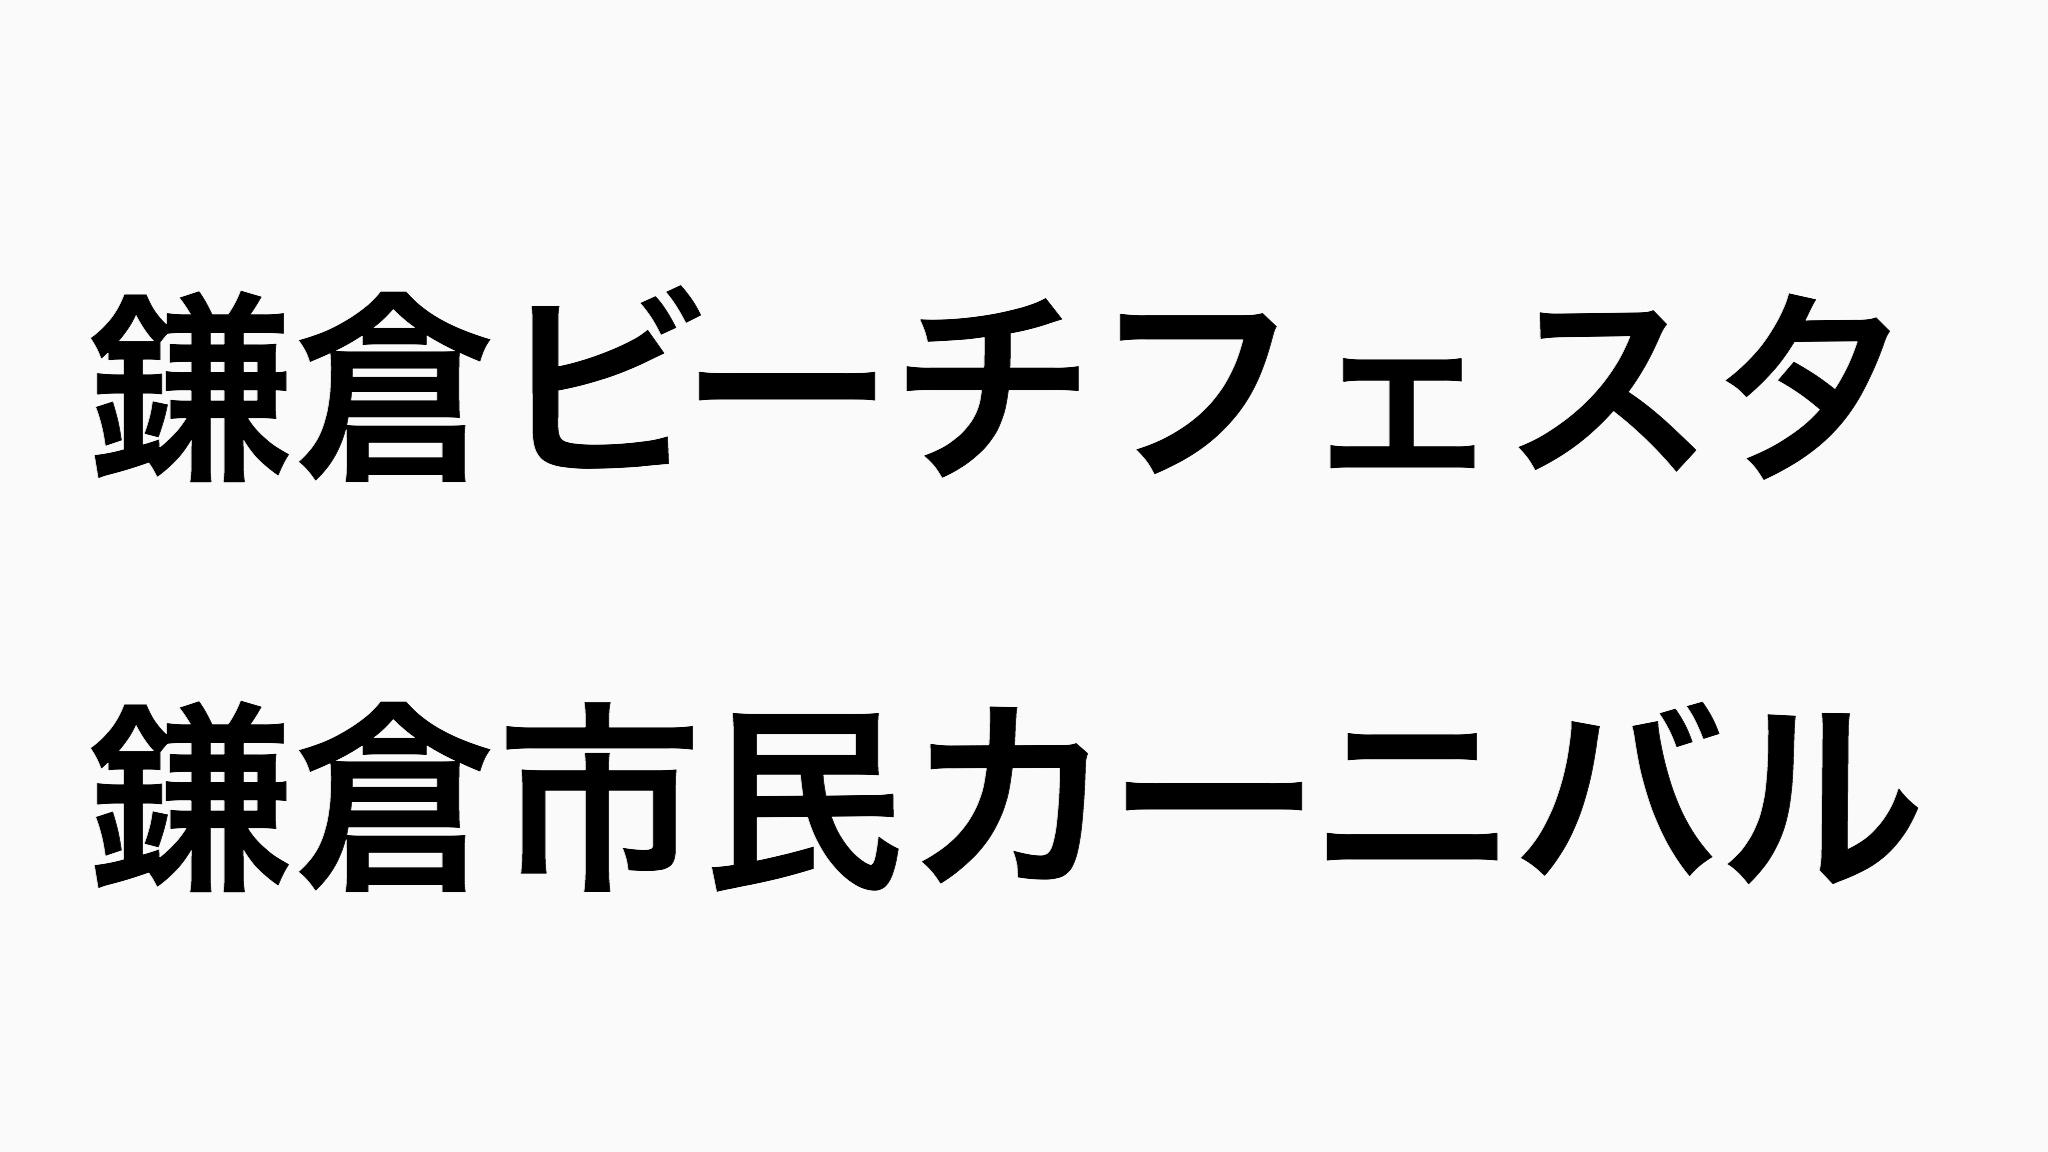 【2019年】鎌倉ビーチフェスタが開催します。フラダンスやパレードを堪能しよう。